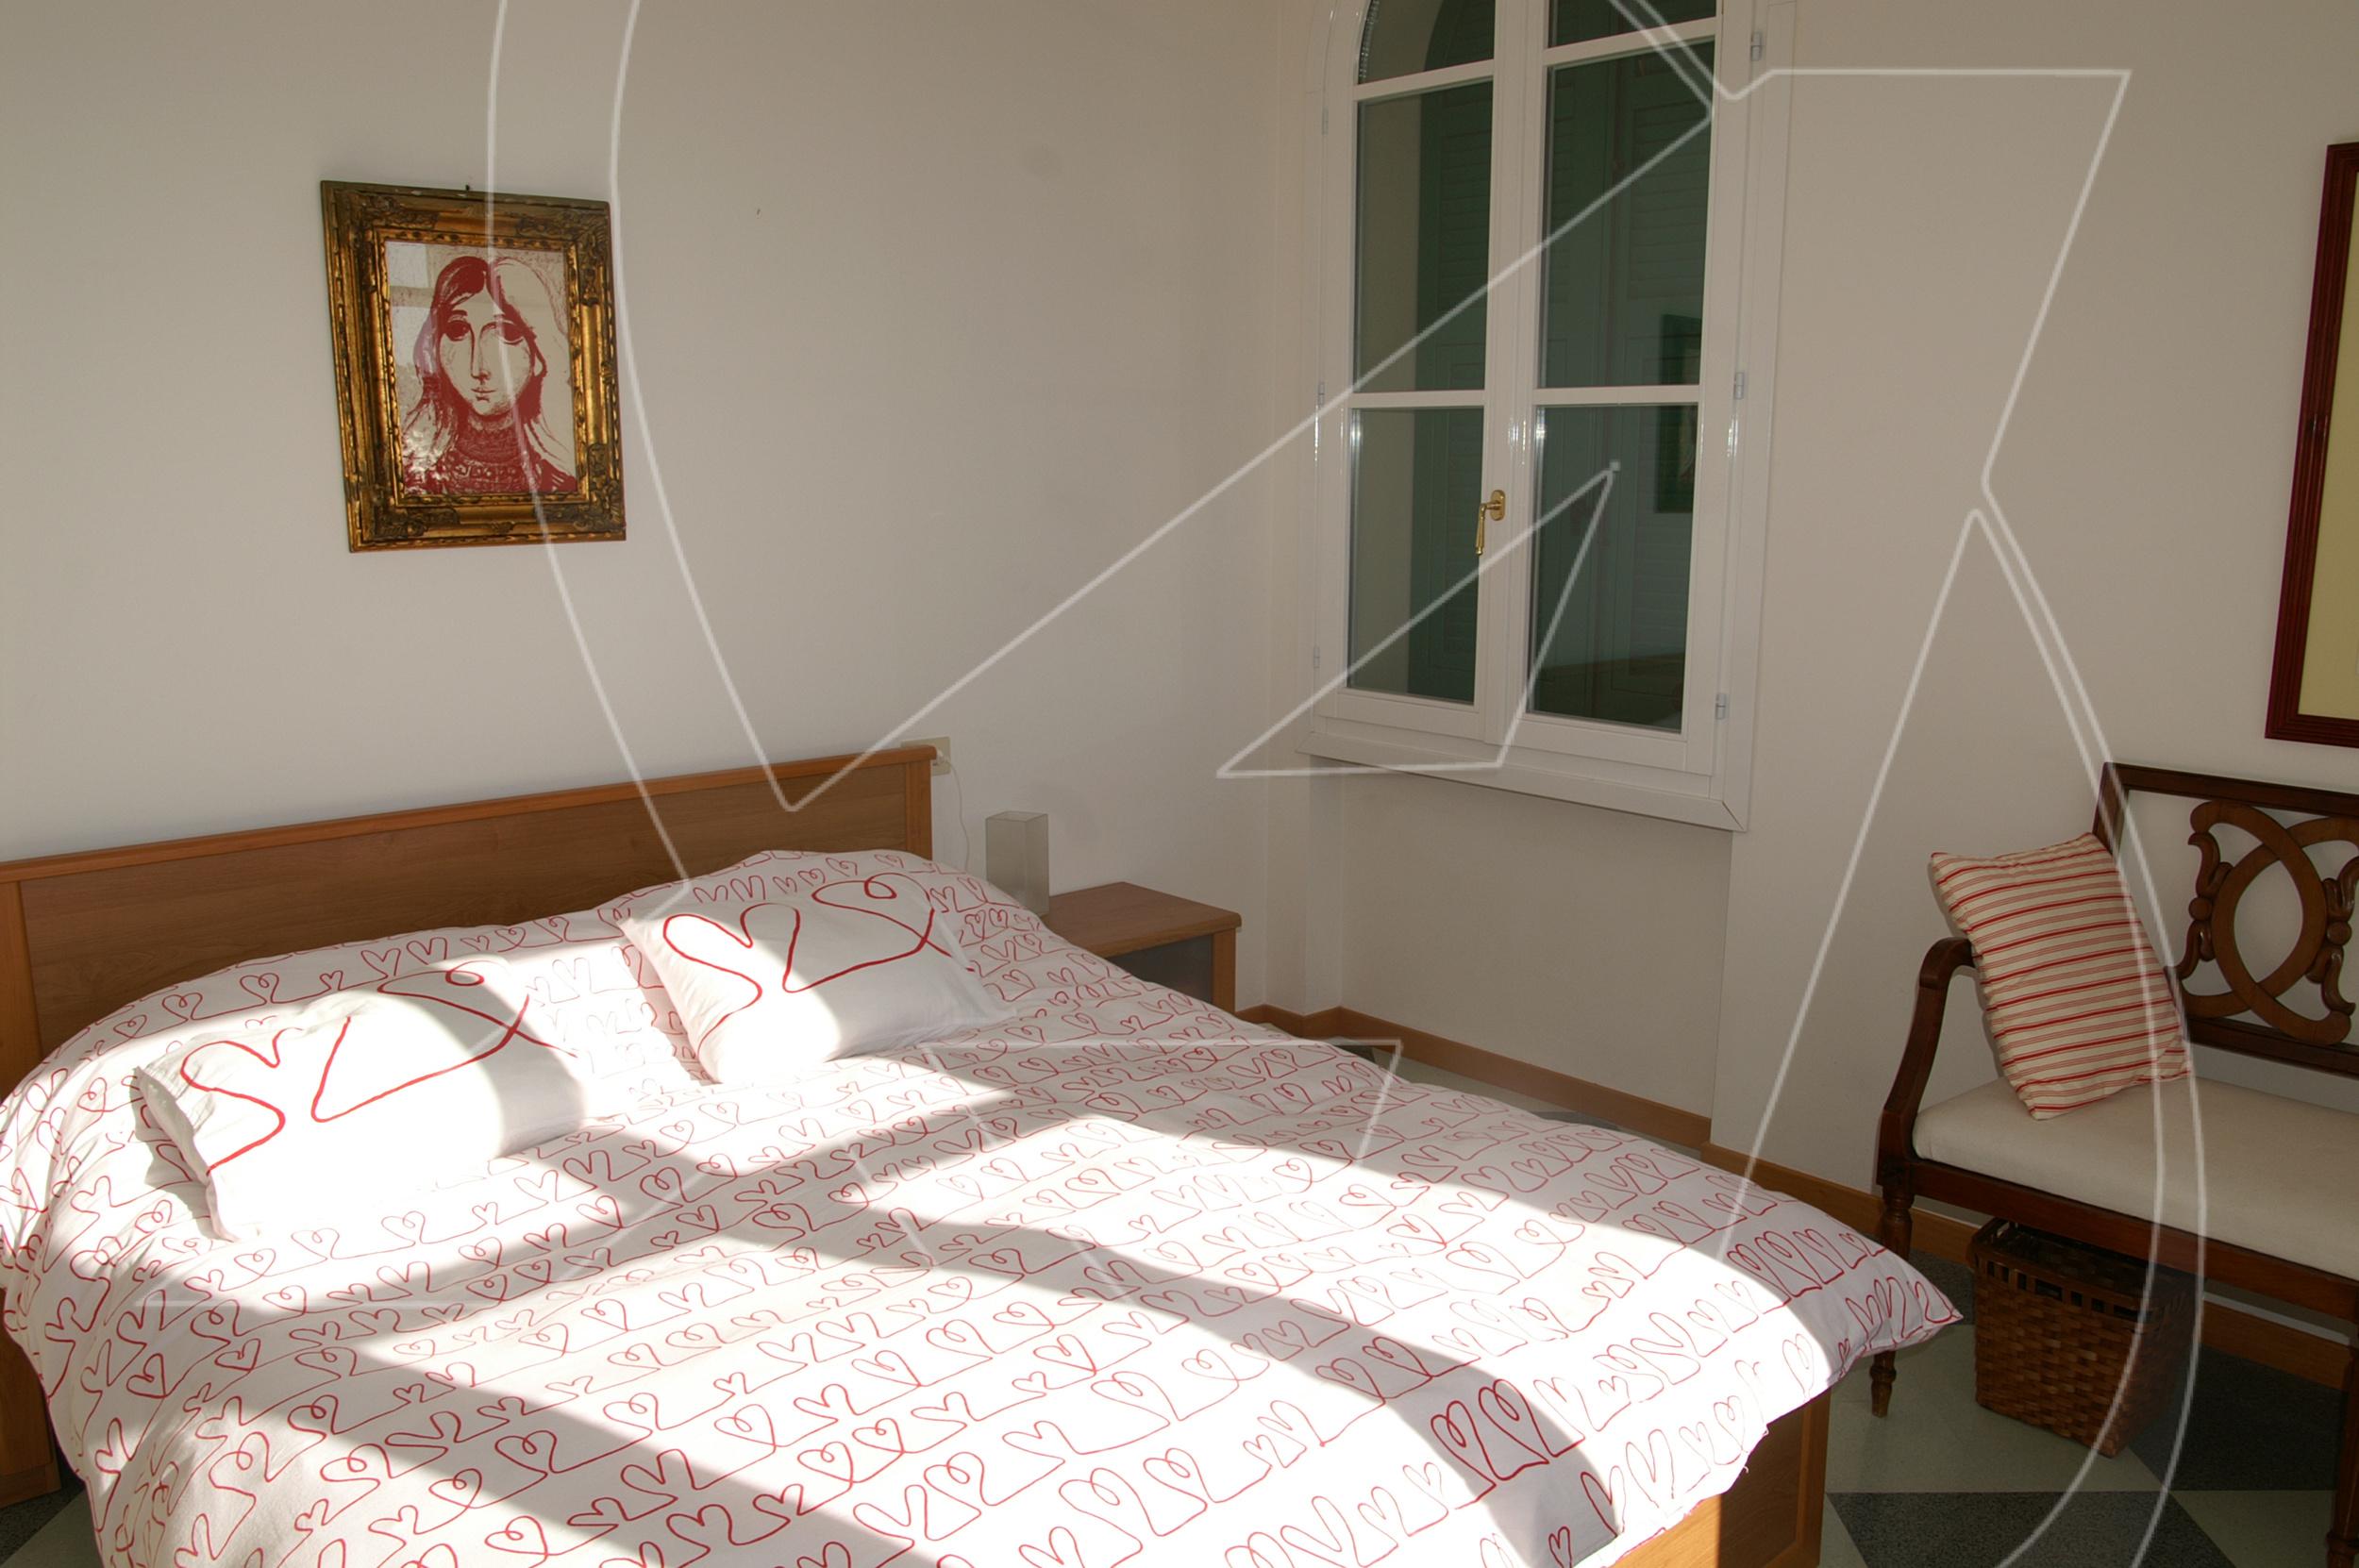 Appartamento in villa sul mare in affitto a Zoagli - Apartment in villa by the sea for rent in Zoagli